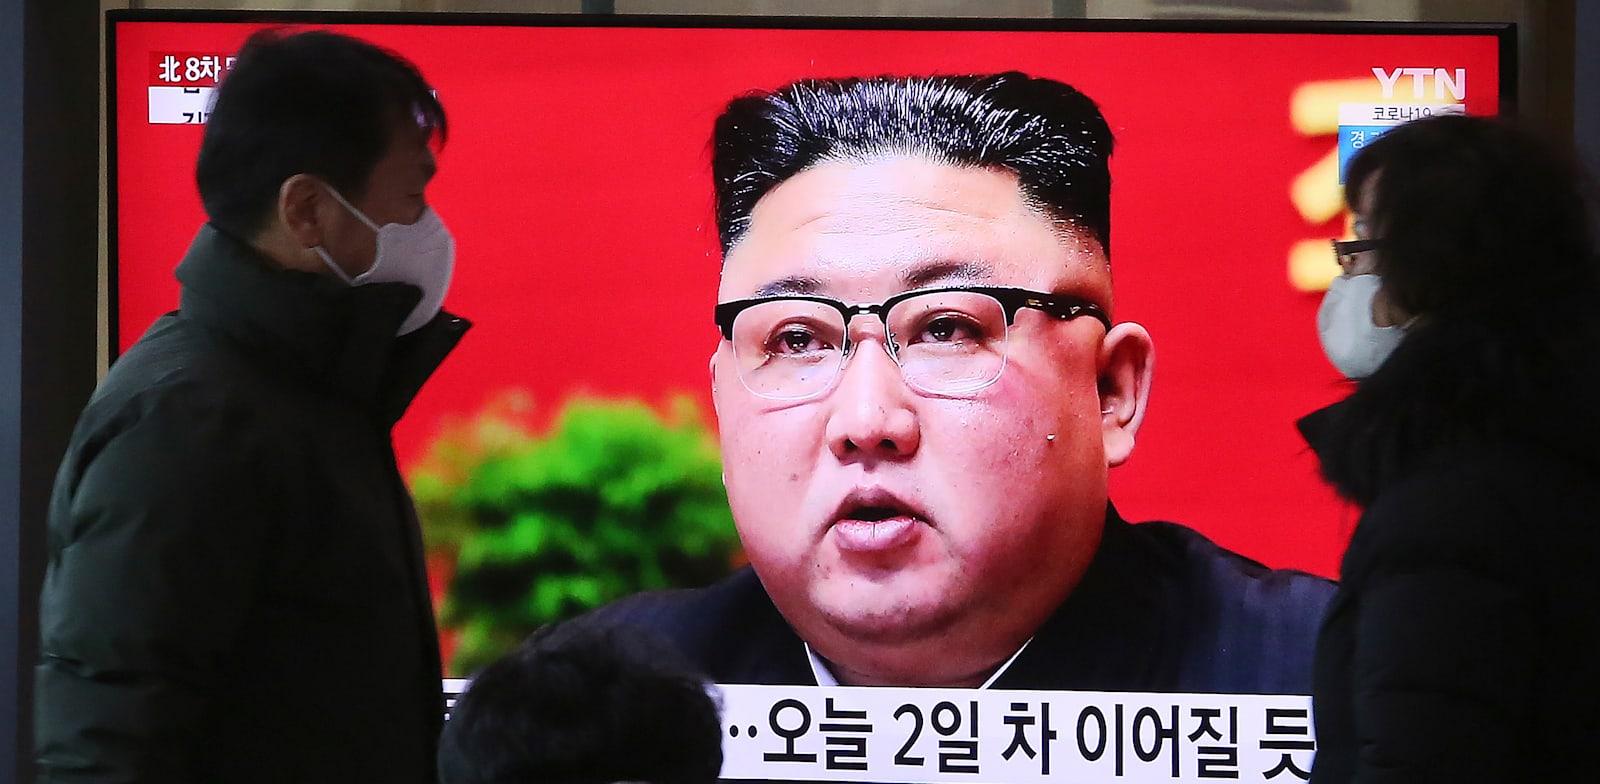 נאום קים ג'ונג און משודר לציבור בצפון קוריאה / צילום: Associated Press, Ahn Young-joon